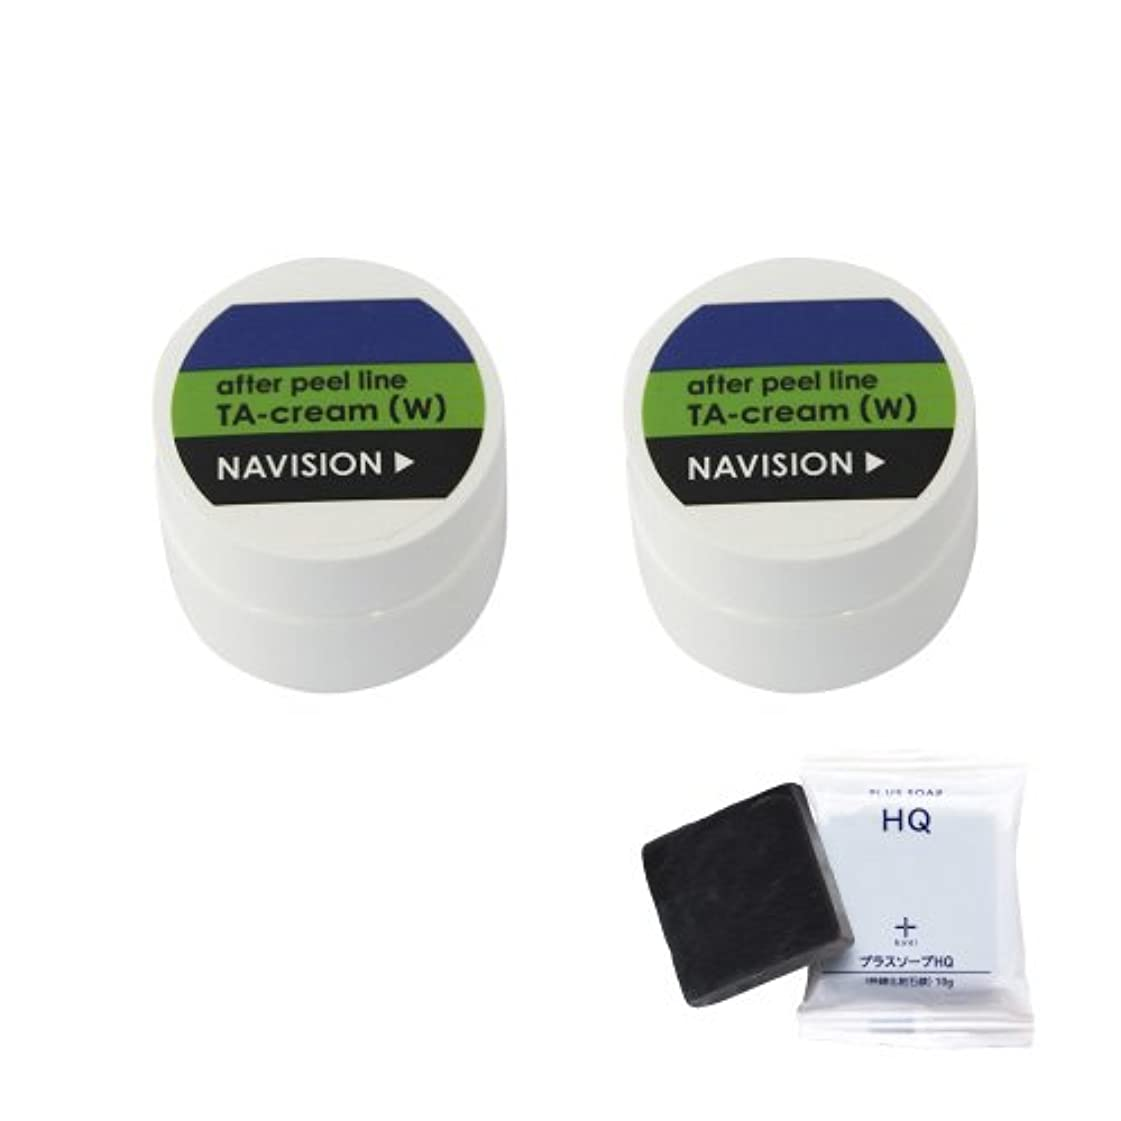 ナビジョン NAVISION TAクリーム(W)(医薬部外品) (2個+ミニソープセット)